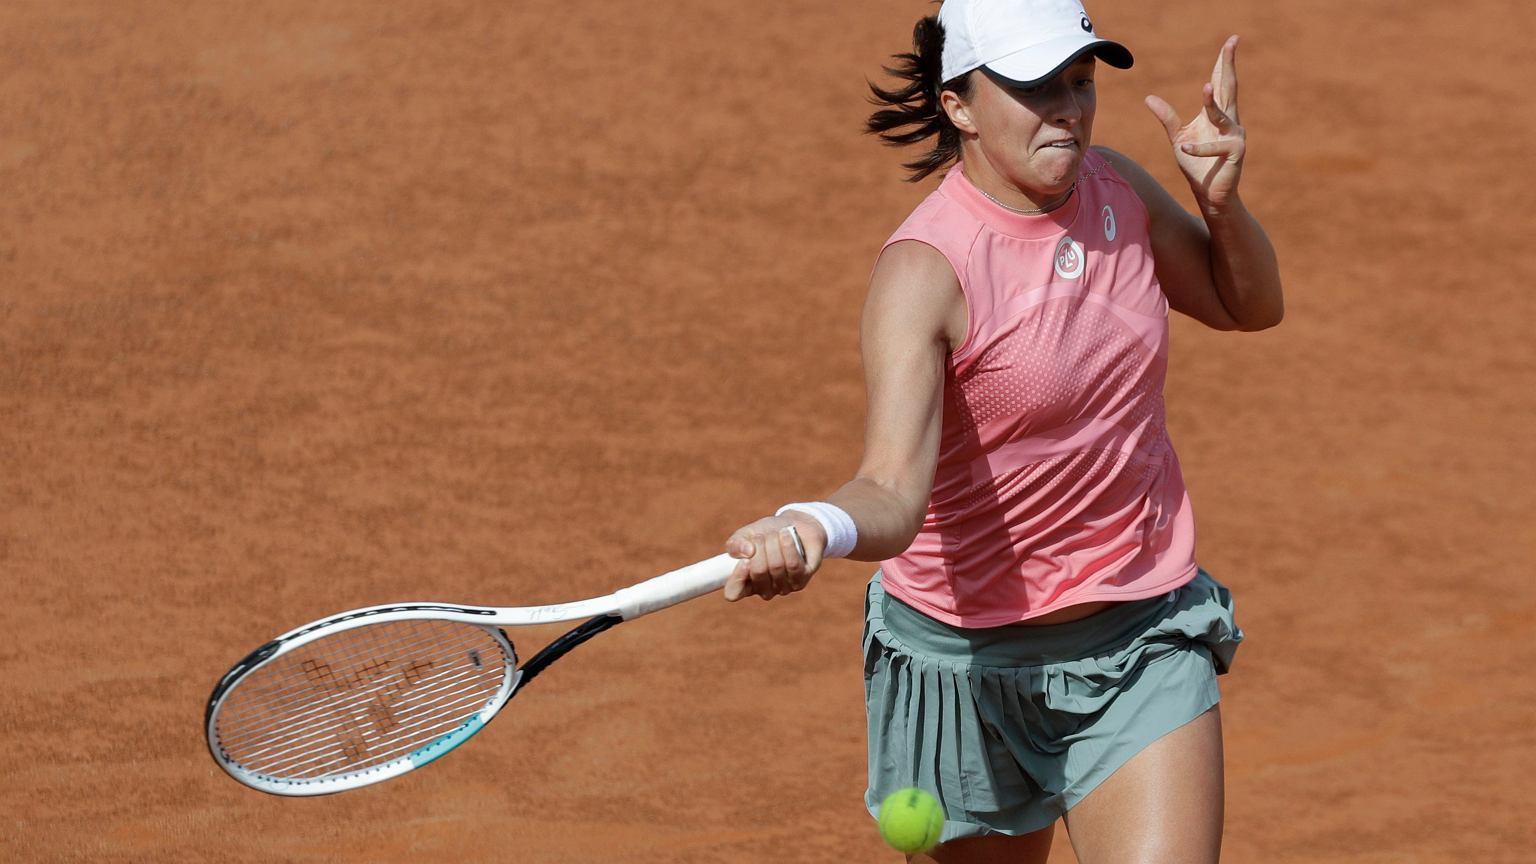 Iga ¦wi ± tek – Karolina Pliskova.  Unde și când urmăriți finala? [TRANSMISJA TV, STREAM ONLINE] Tenis